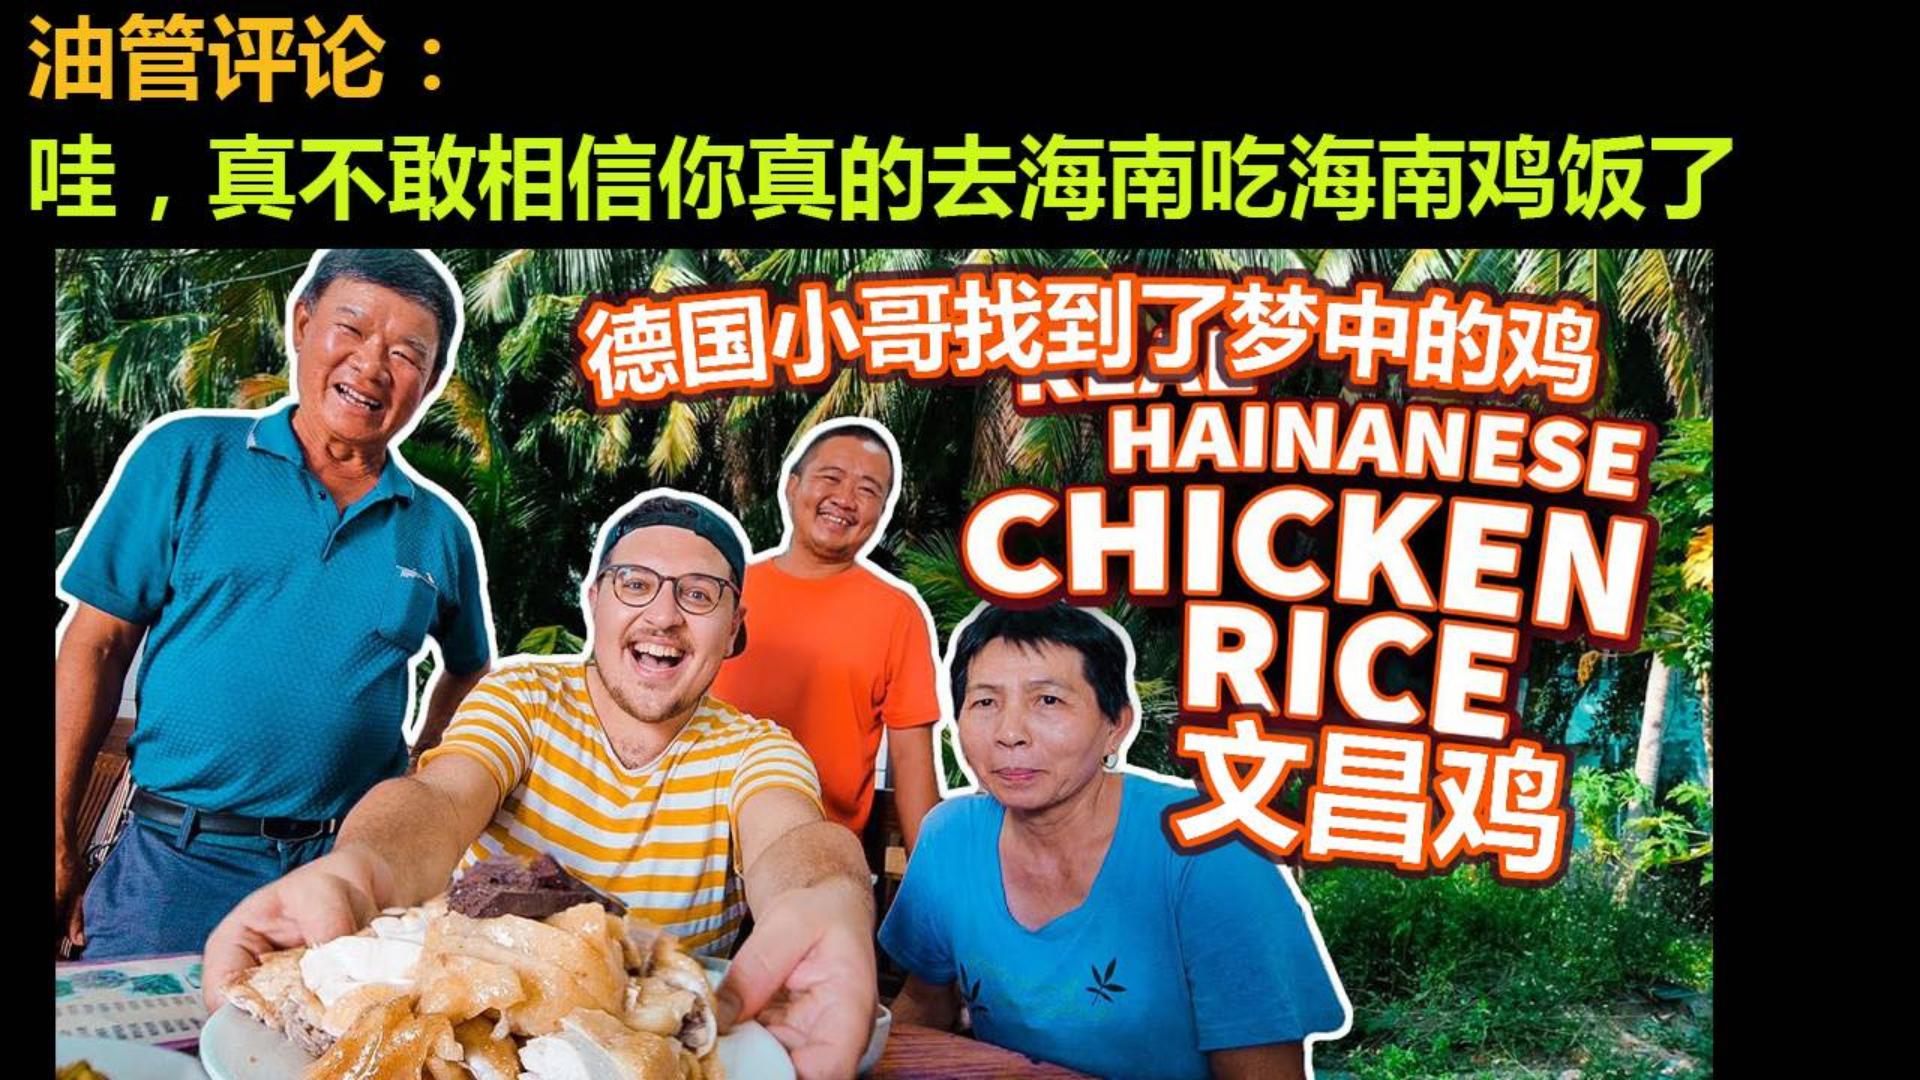 德国小哥千里探寻海南鸡饭的发源地 外国网友:你真的去海南吃海南鸡饭了